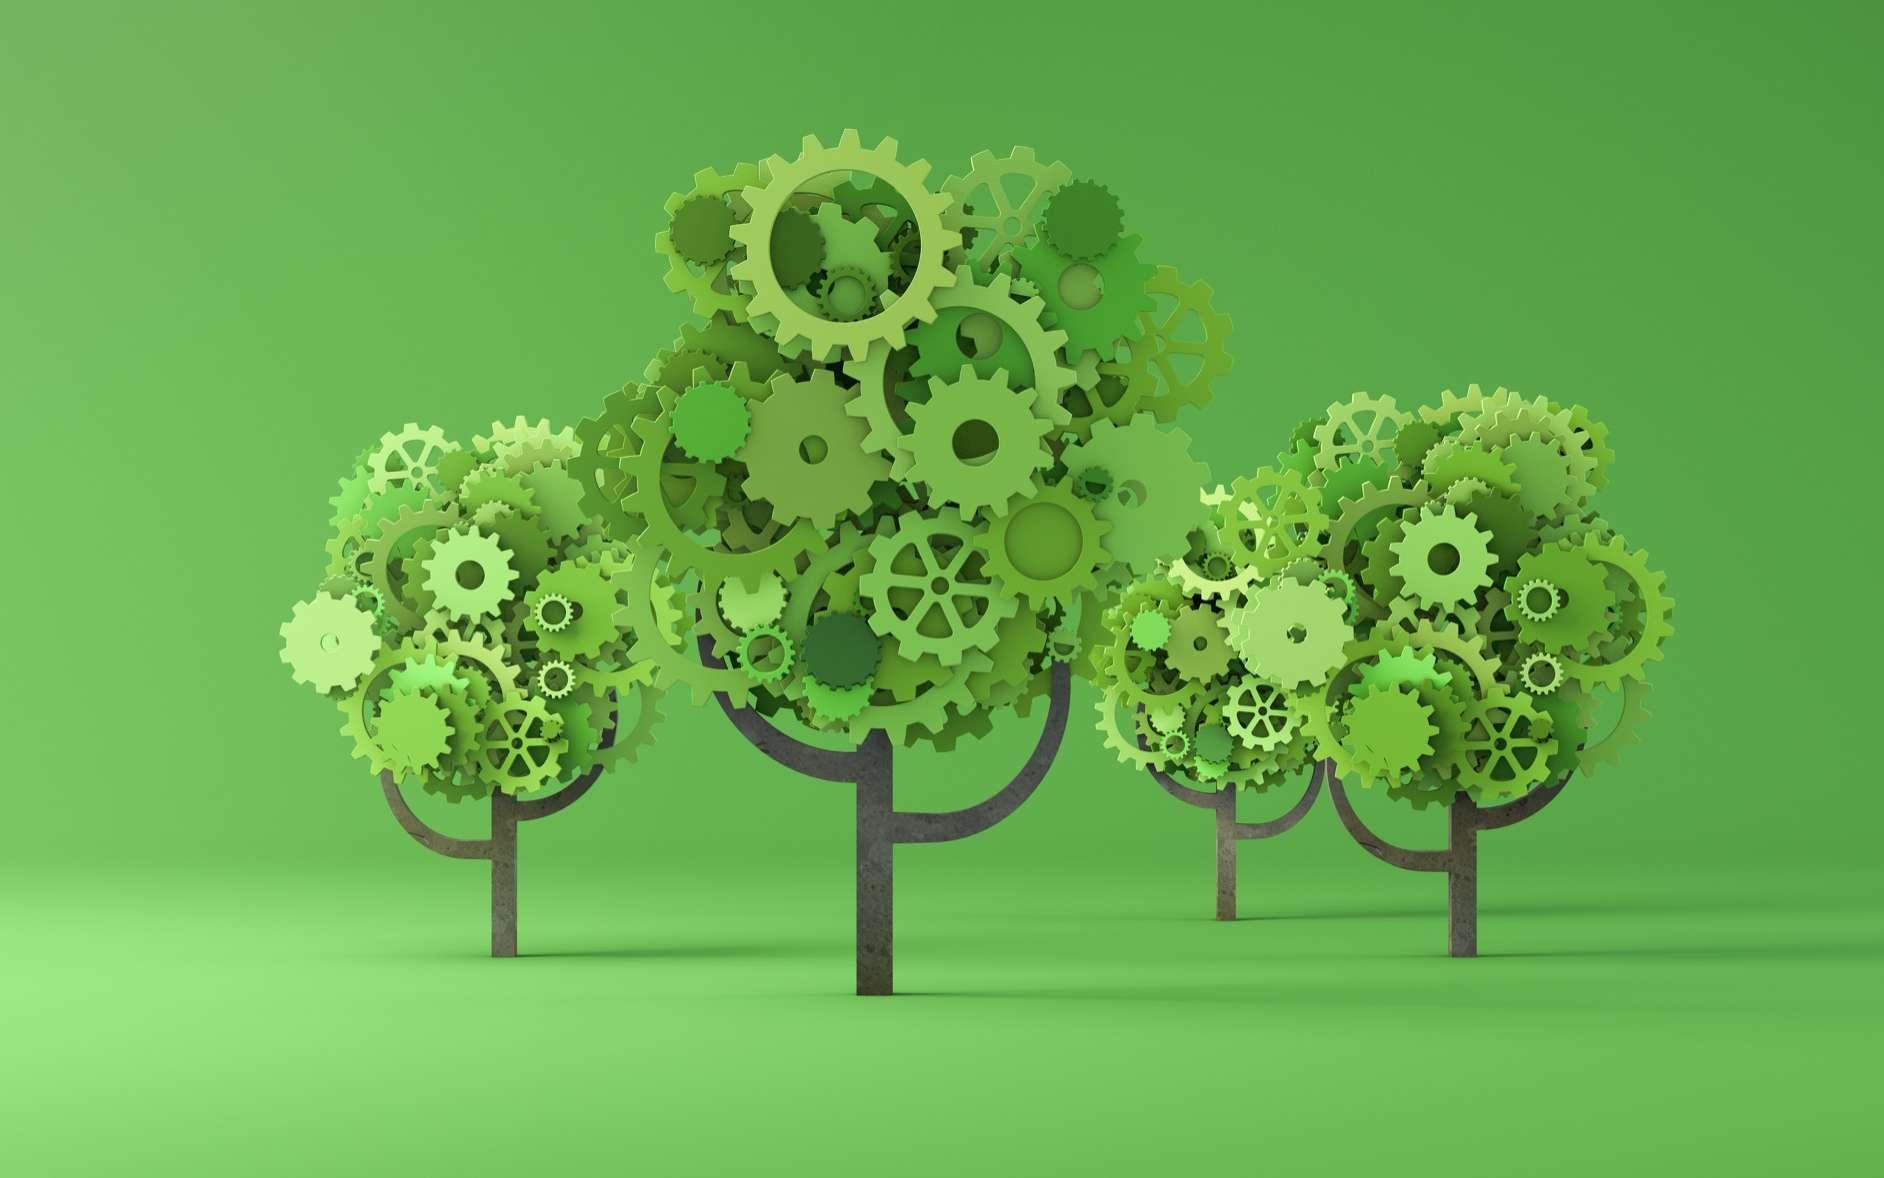 Le gouvernement encourage la Green Tech en France. © trahko, Adobe Stock